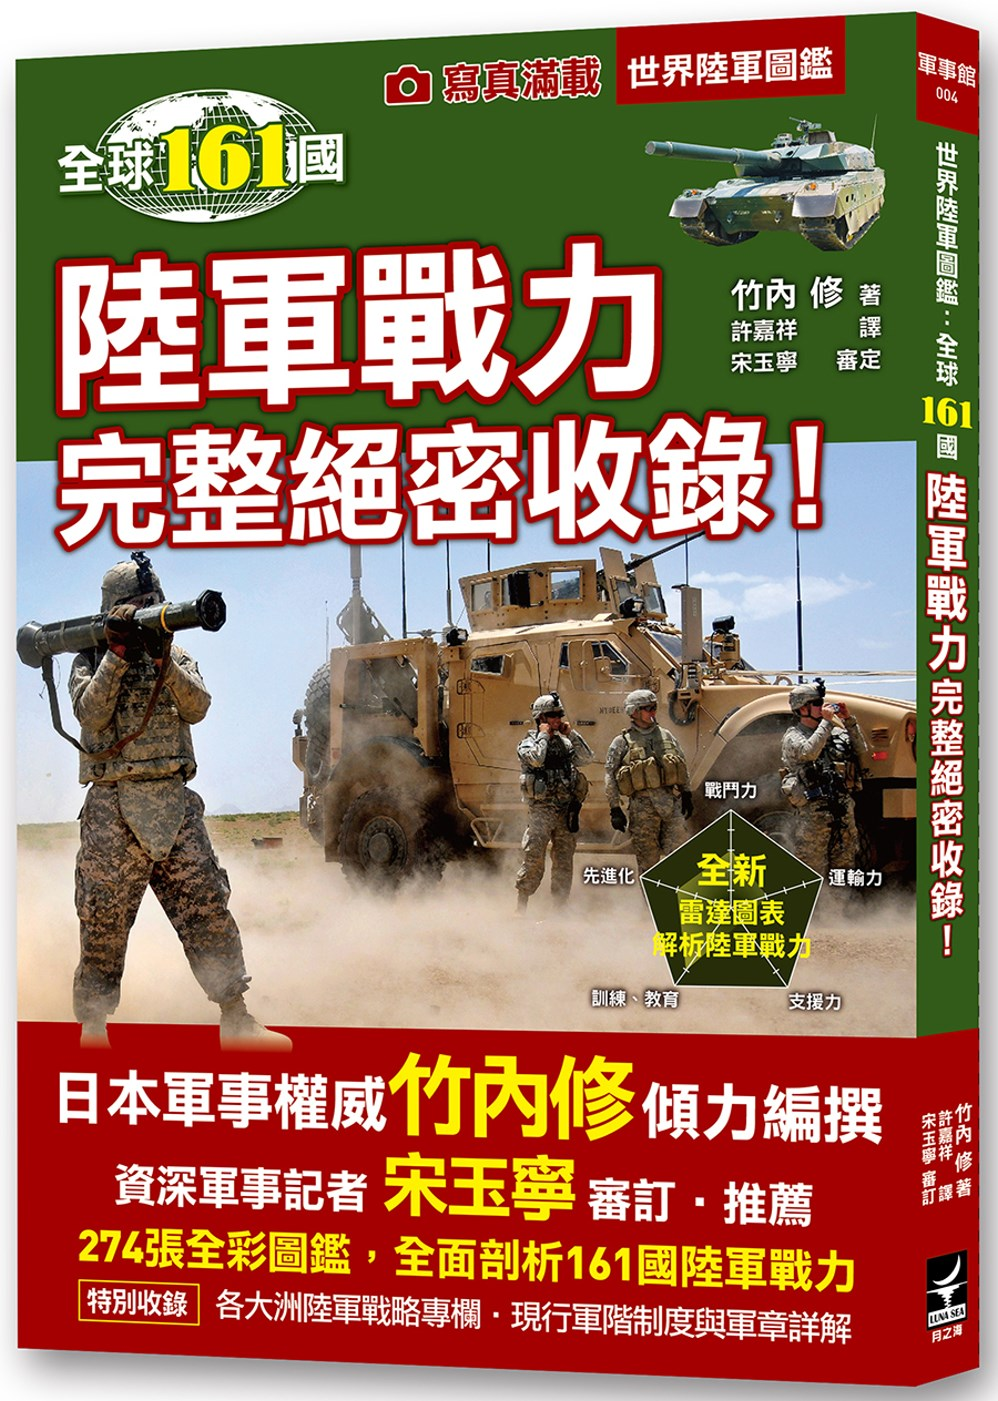 ◤博客來BOOKS◢ 暢銷書榜《推薦》世界陸軍圖鑑:全球161國陸軍戰力完整絕密收錄!